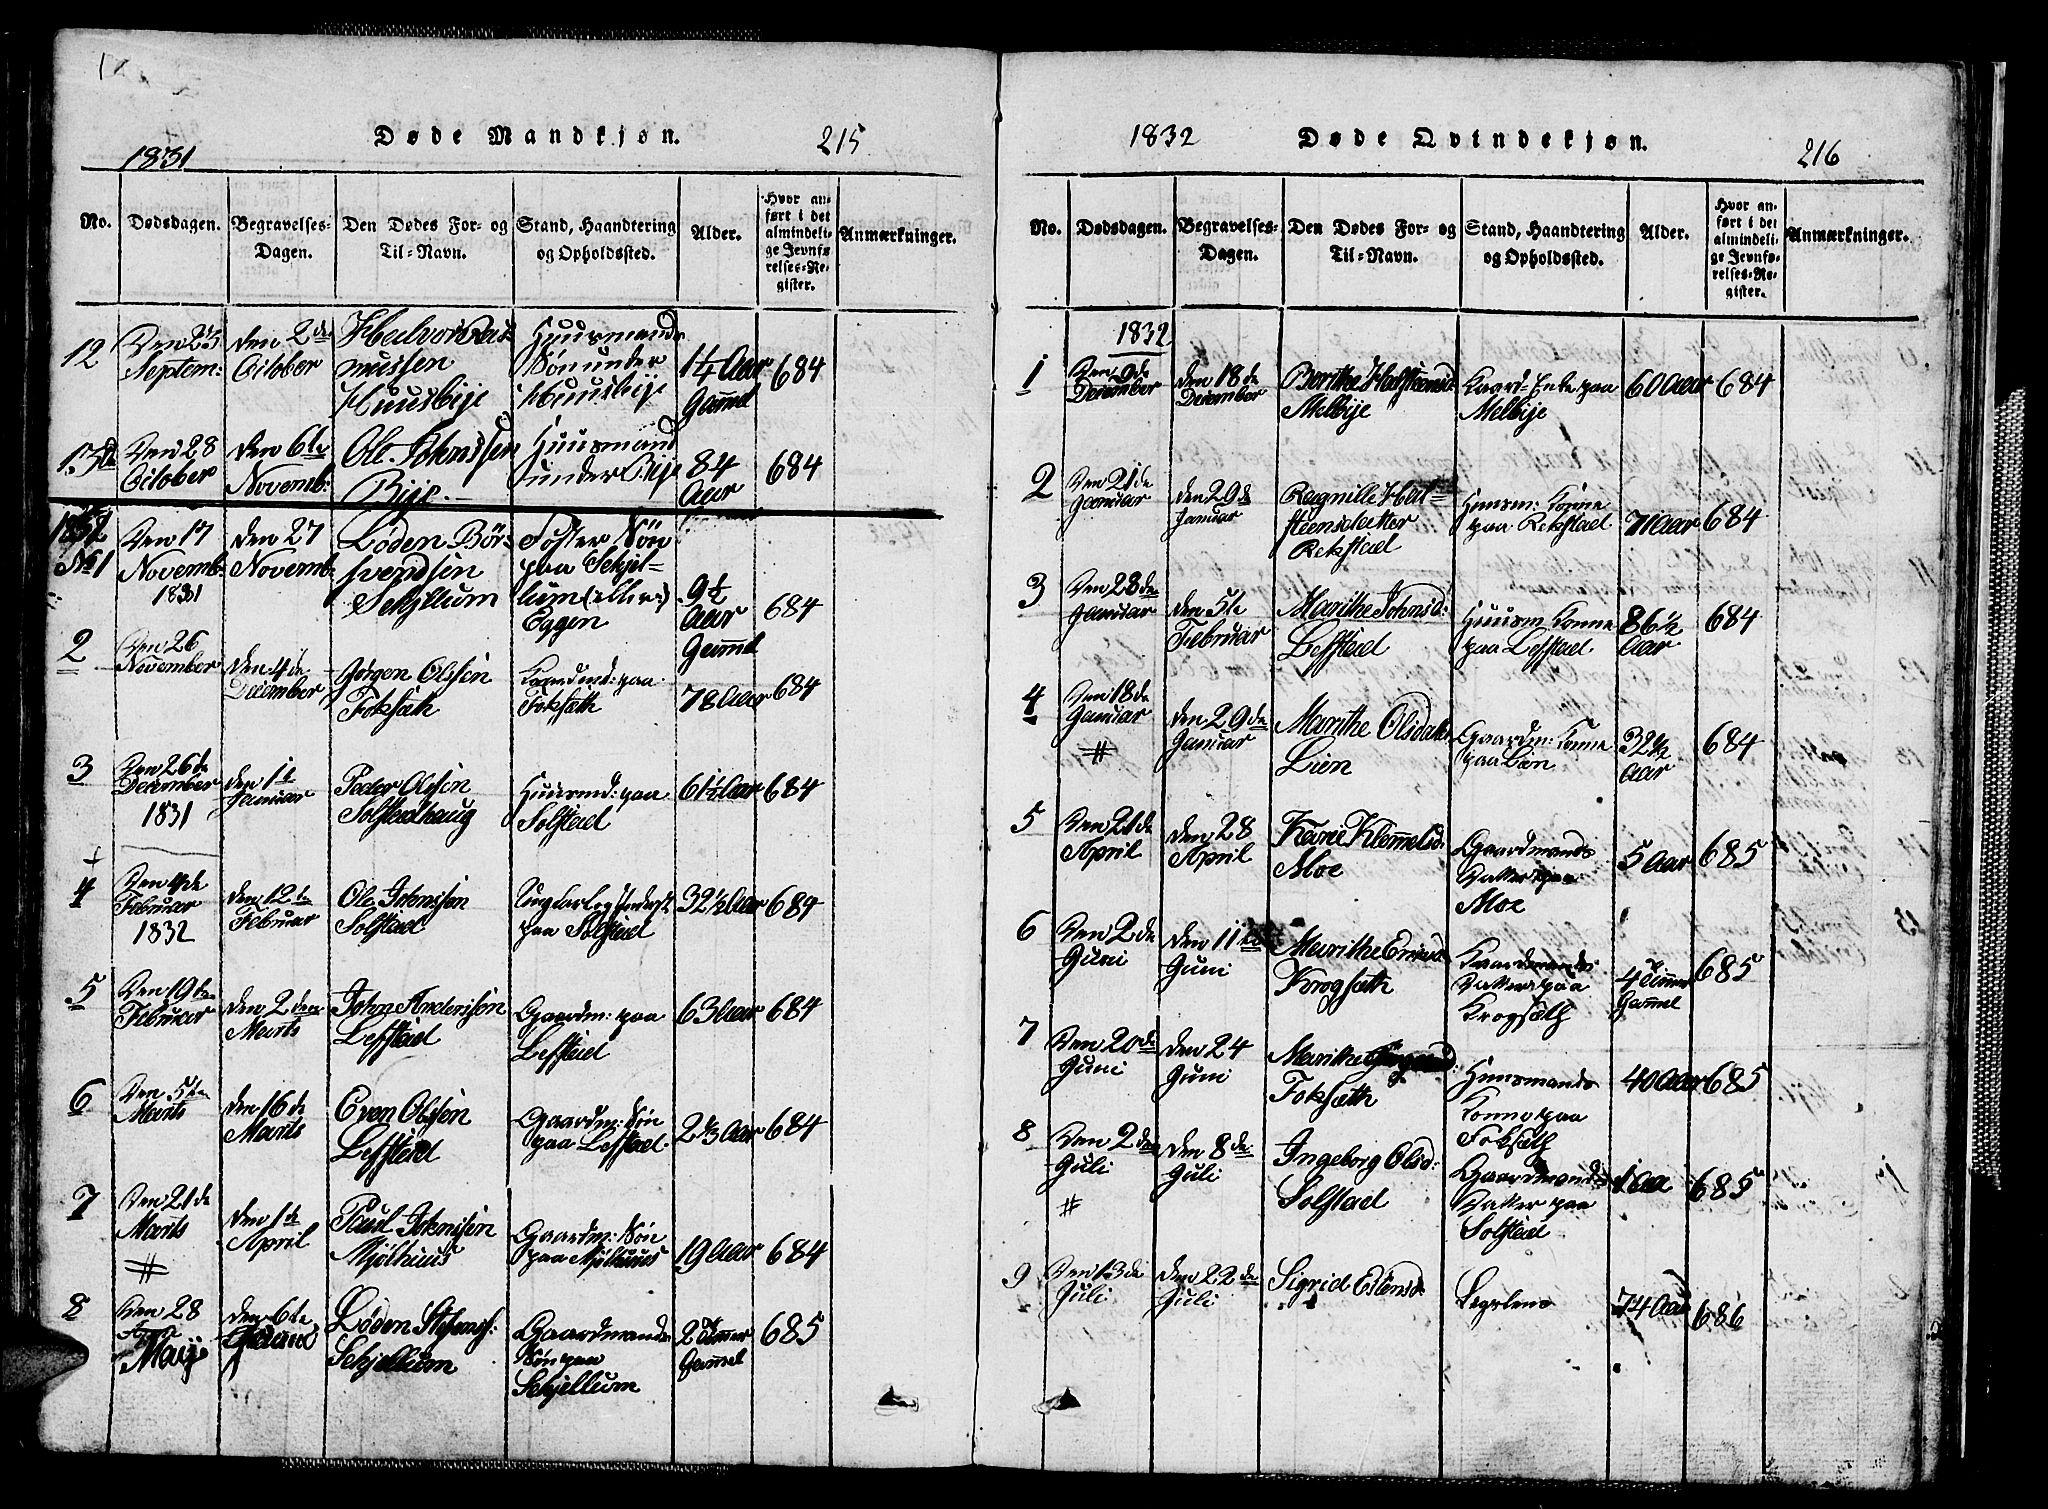 SAT, Ministerialprotokoller, klokkerbøker og fødselsregistre - Sør-Trøndelag, 667/L0796: Klokkerbok nr. 667C01, 1817-1836, s. 215-216